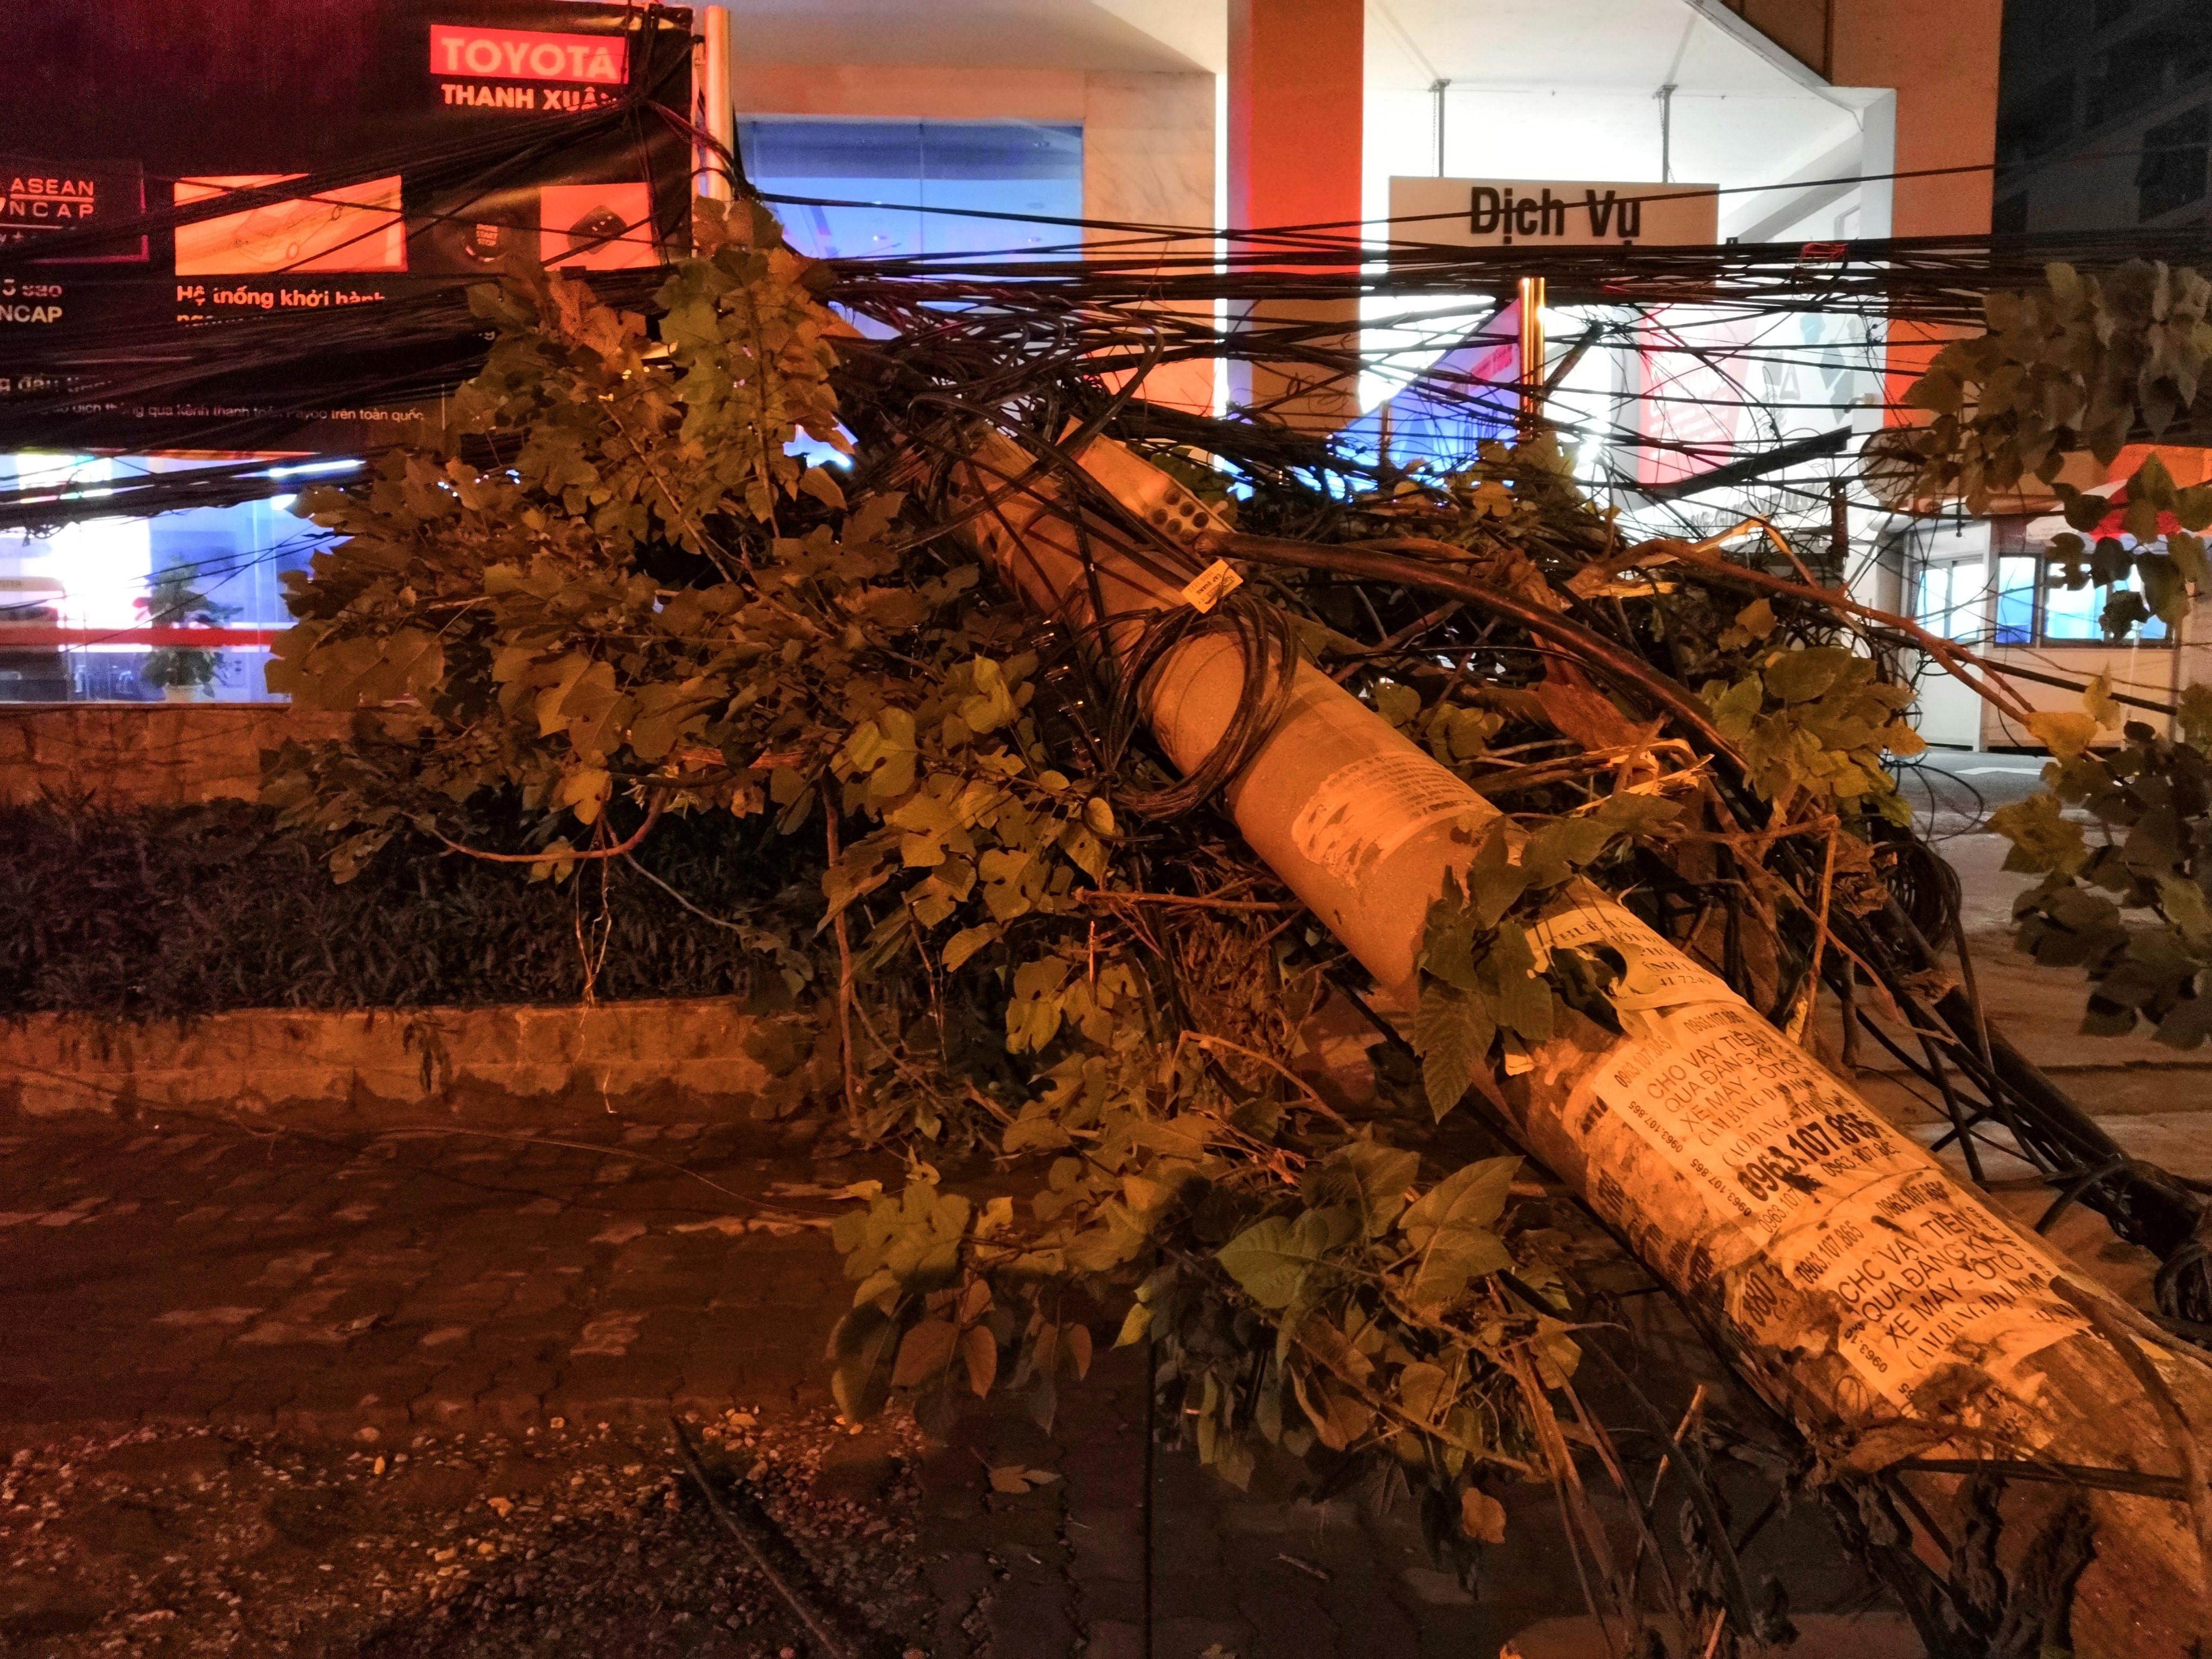 Xe bồn chở xăng kéo đổ 4 cột điện trong đêm, nhiều hộ dân mất điện Ảnh 5